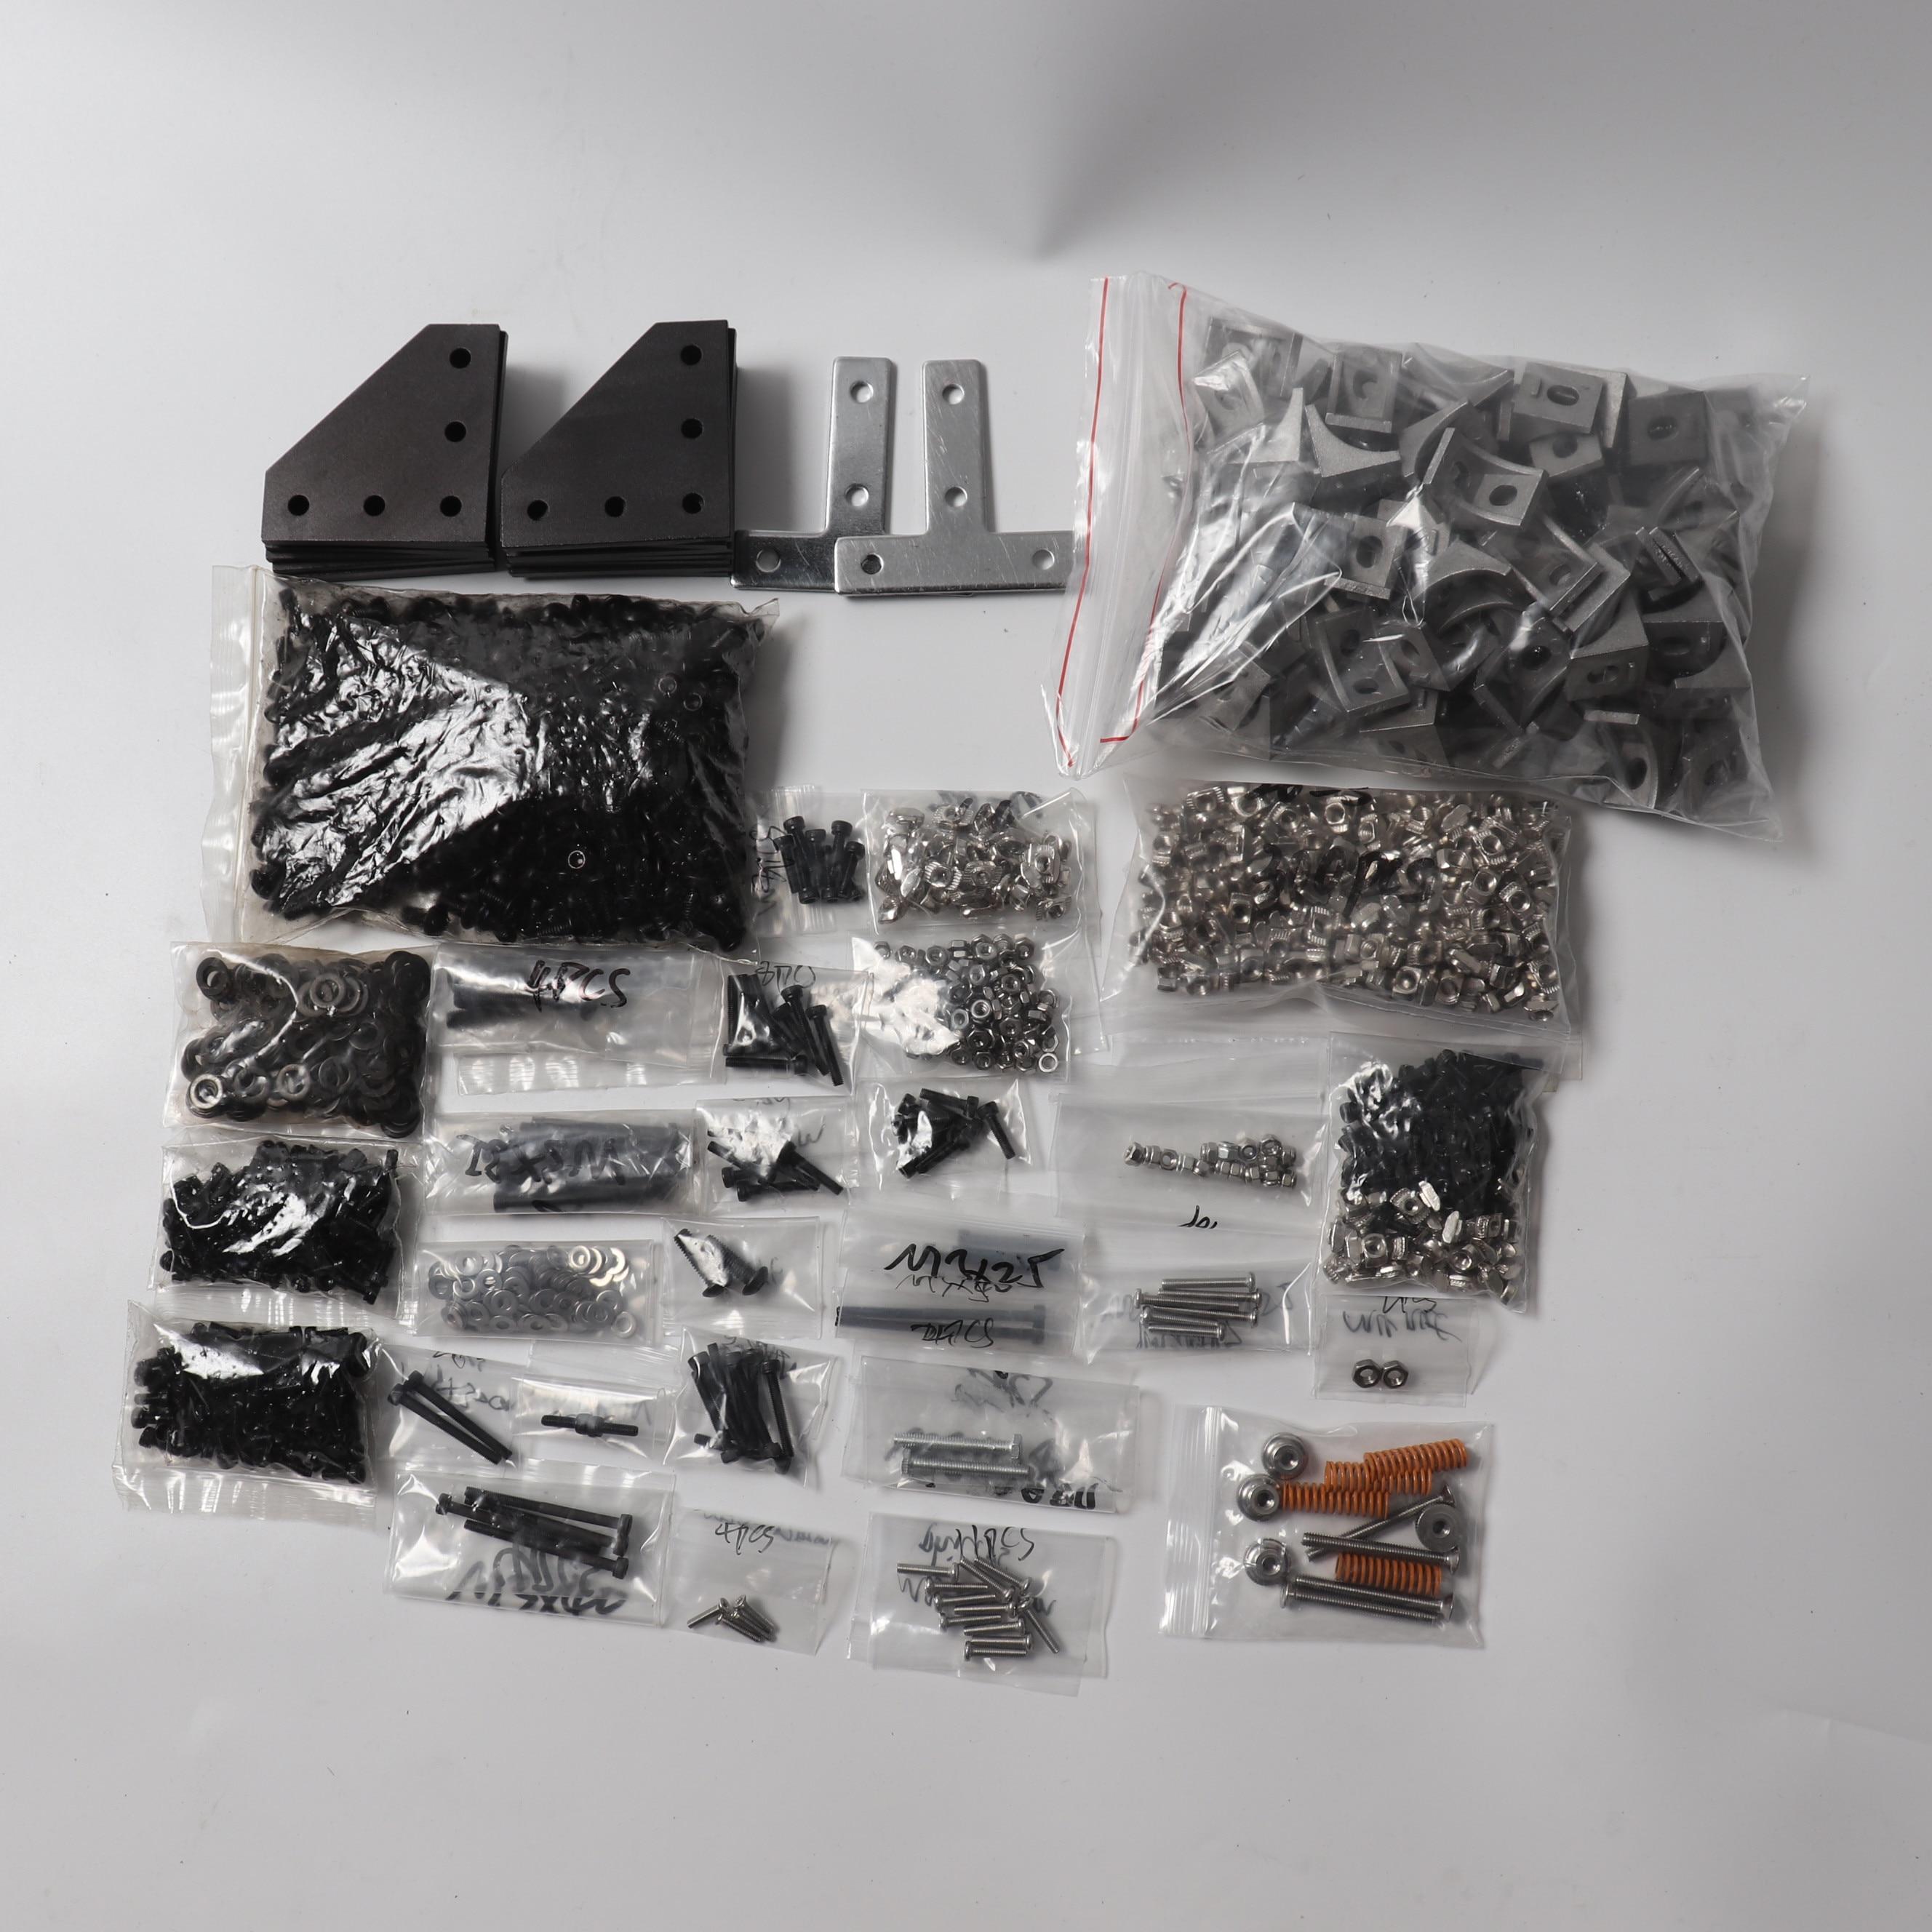 US $49.9 |Blurolls полный винты, гайки, кронштейн и углы комплект для BLV MGN Куб 3d принтер|Детали и аксессуары для 3D-принтеров| |  - AliExpress